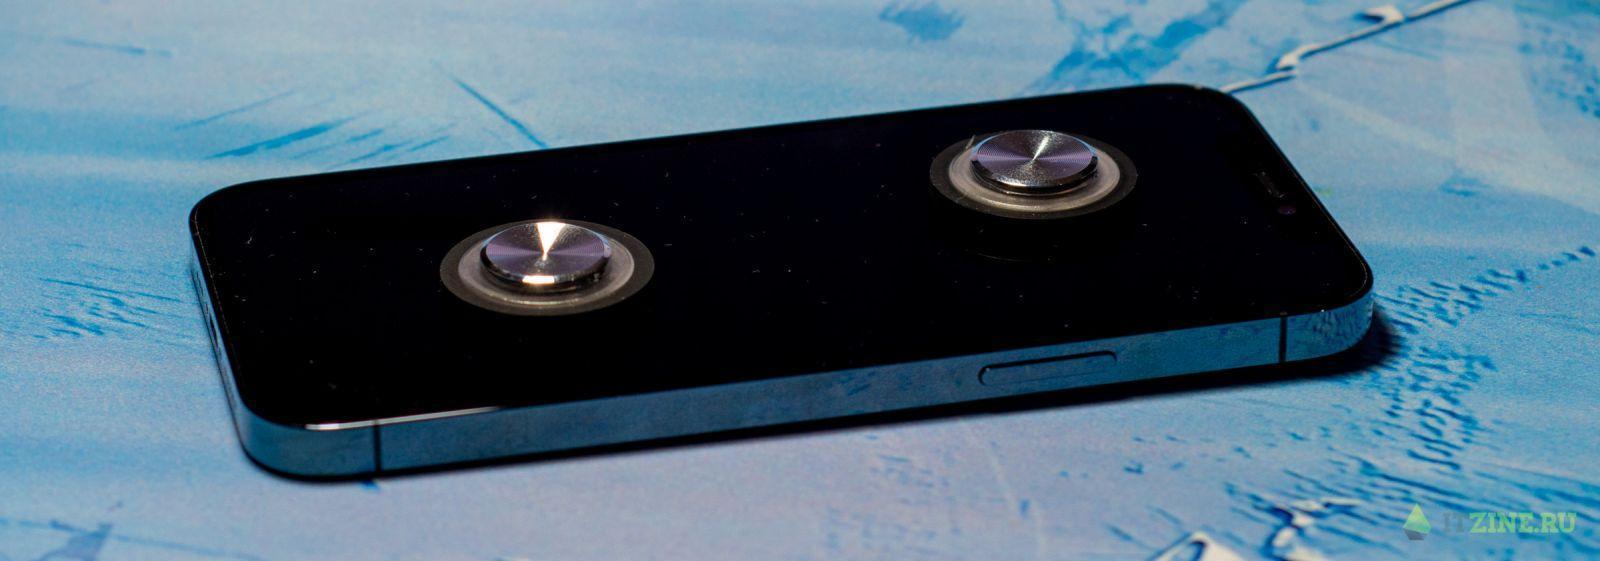 Обзор SberBox: три ассистента для одного телевизора (DSC 9745)